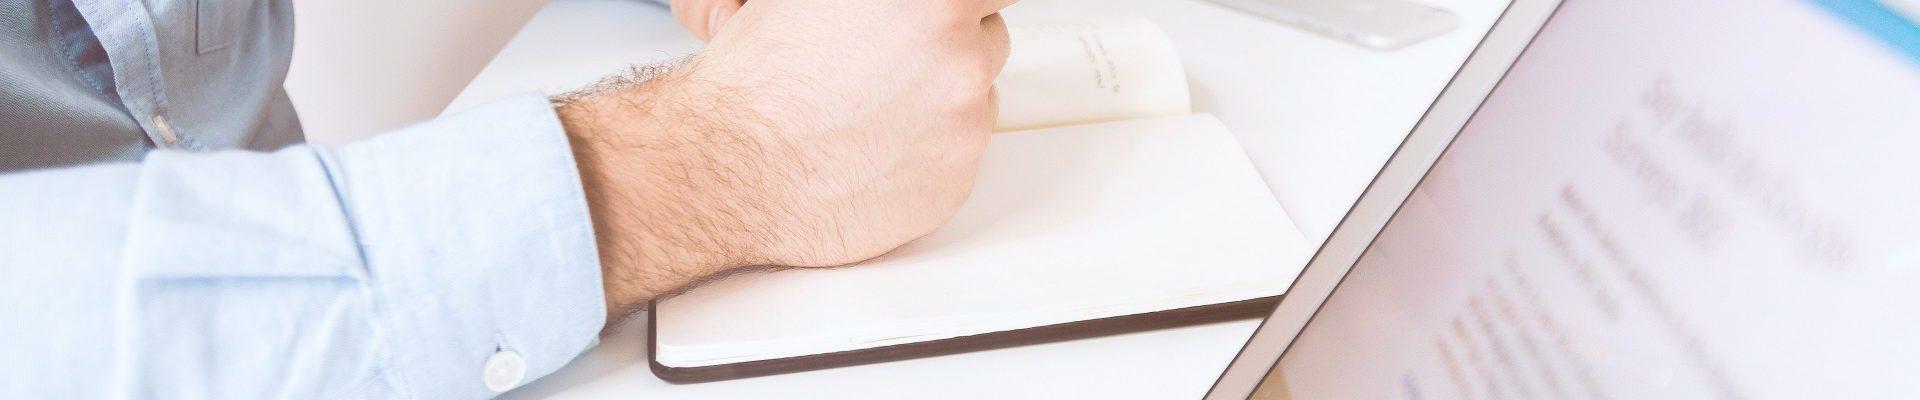 Documentos Homem Portátil